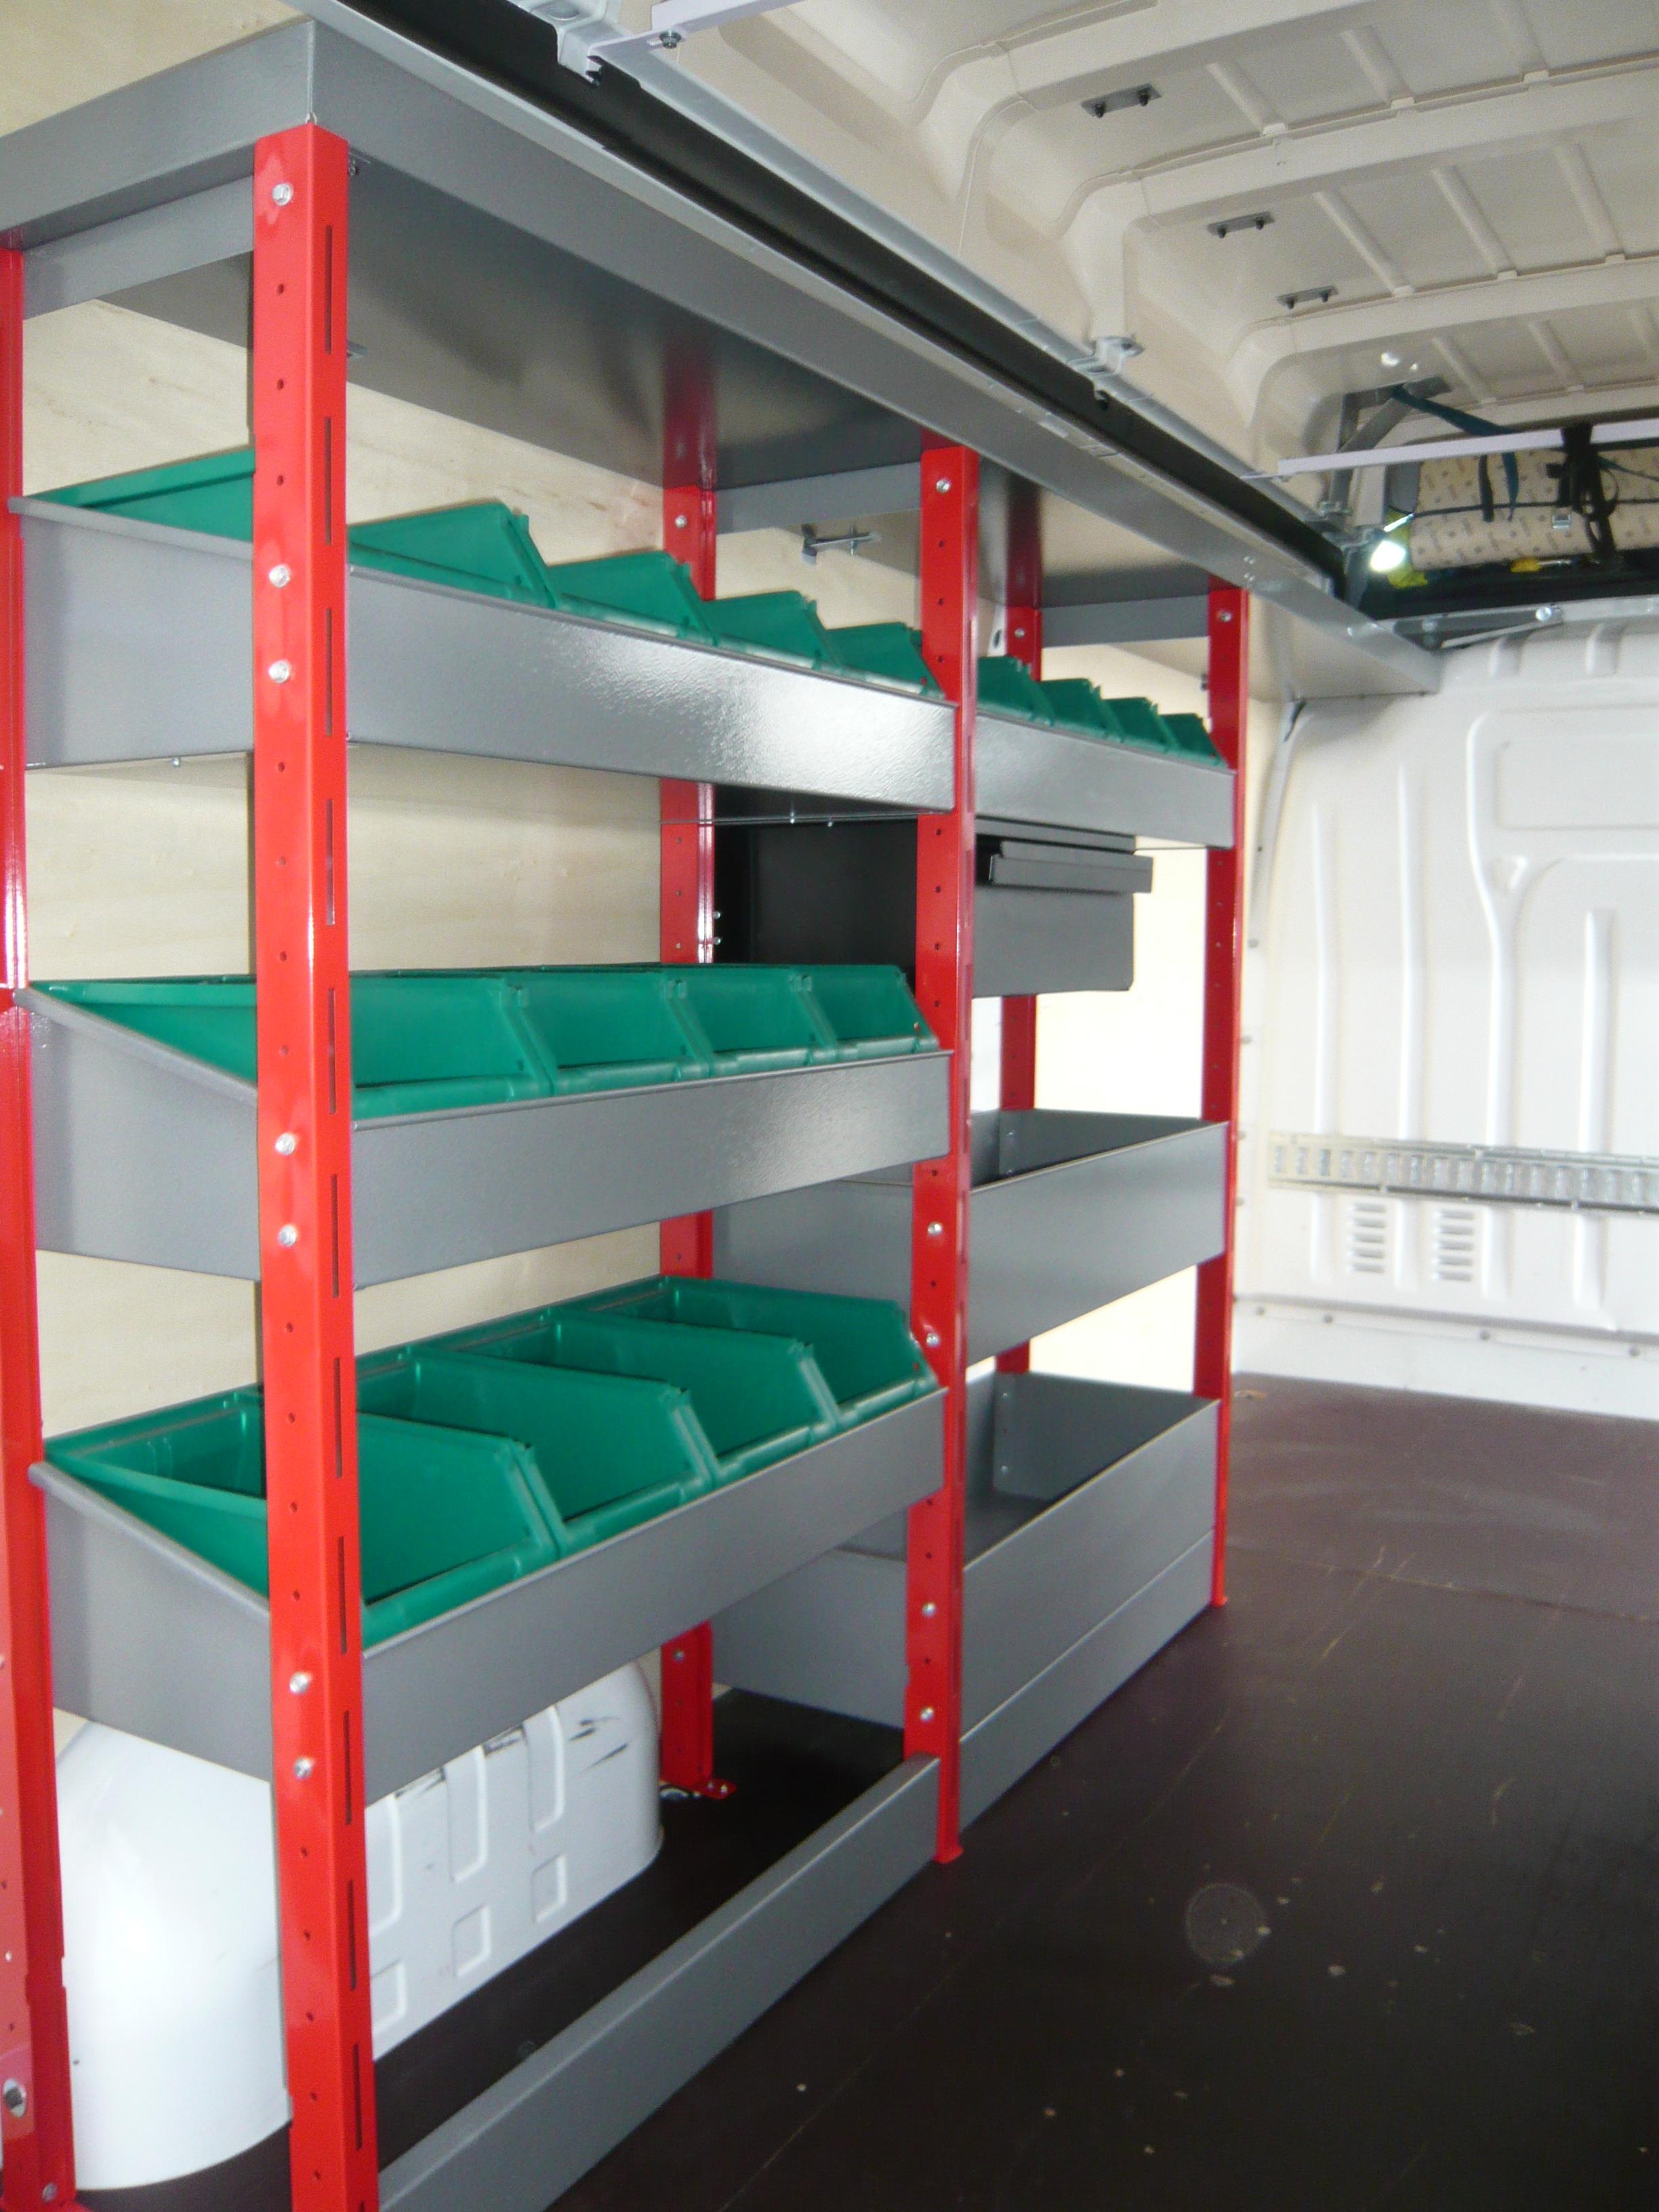 amenage etageres m talliques renforc es tolemecane quipements de s curit et. Black Bedroom Furniture Sets. Home Design Ideas